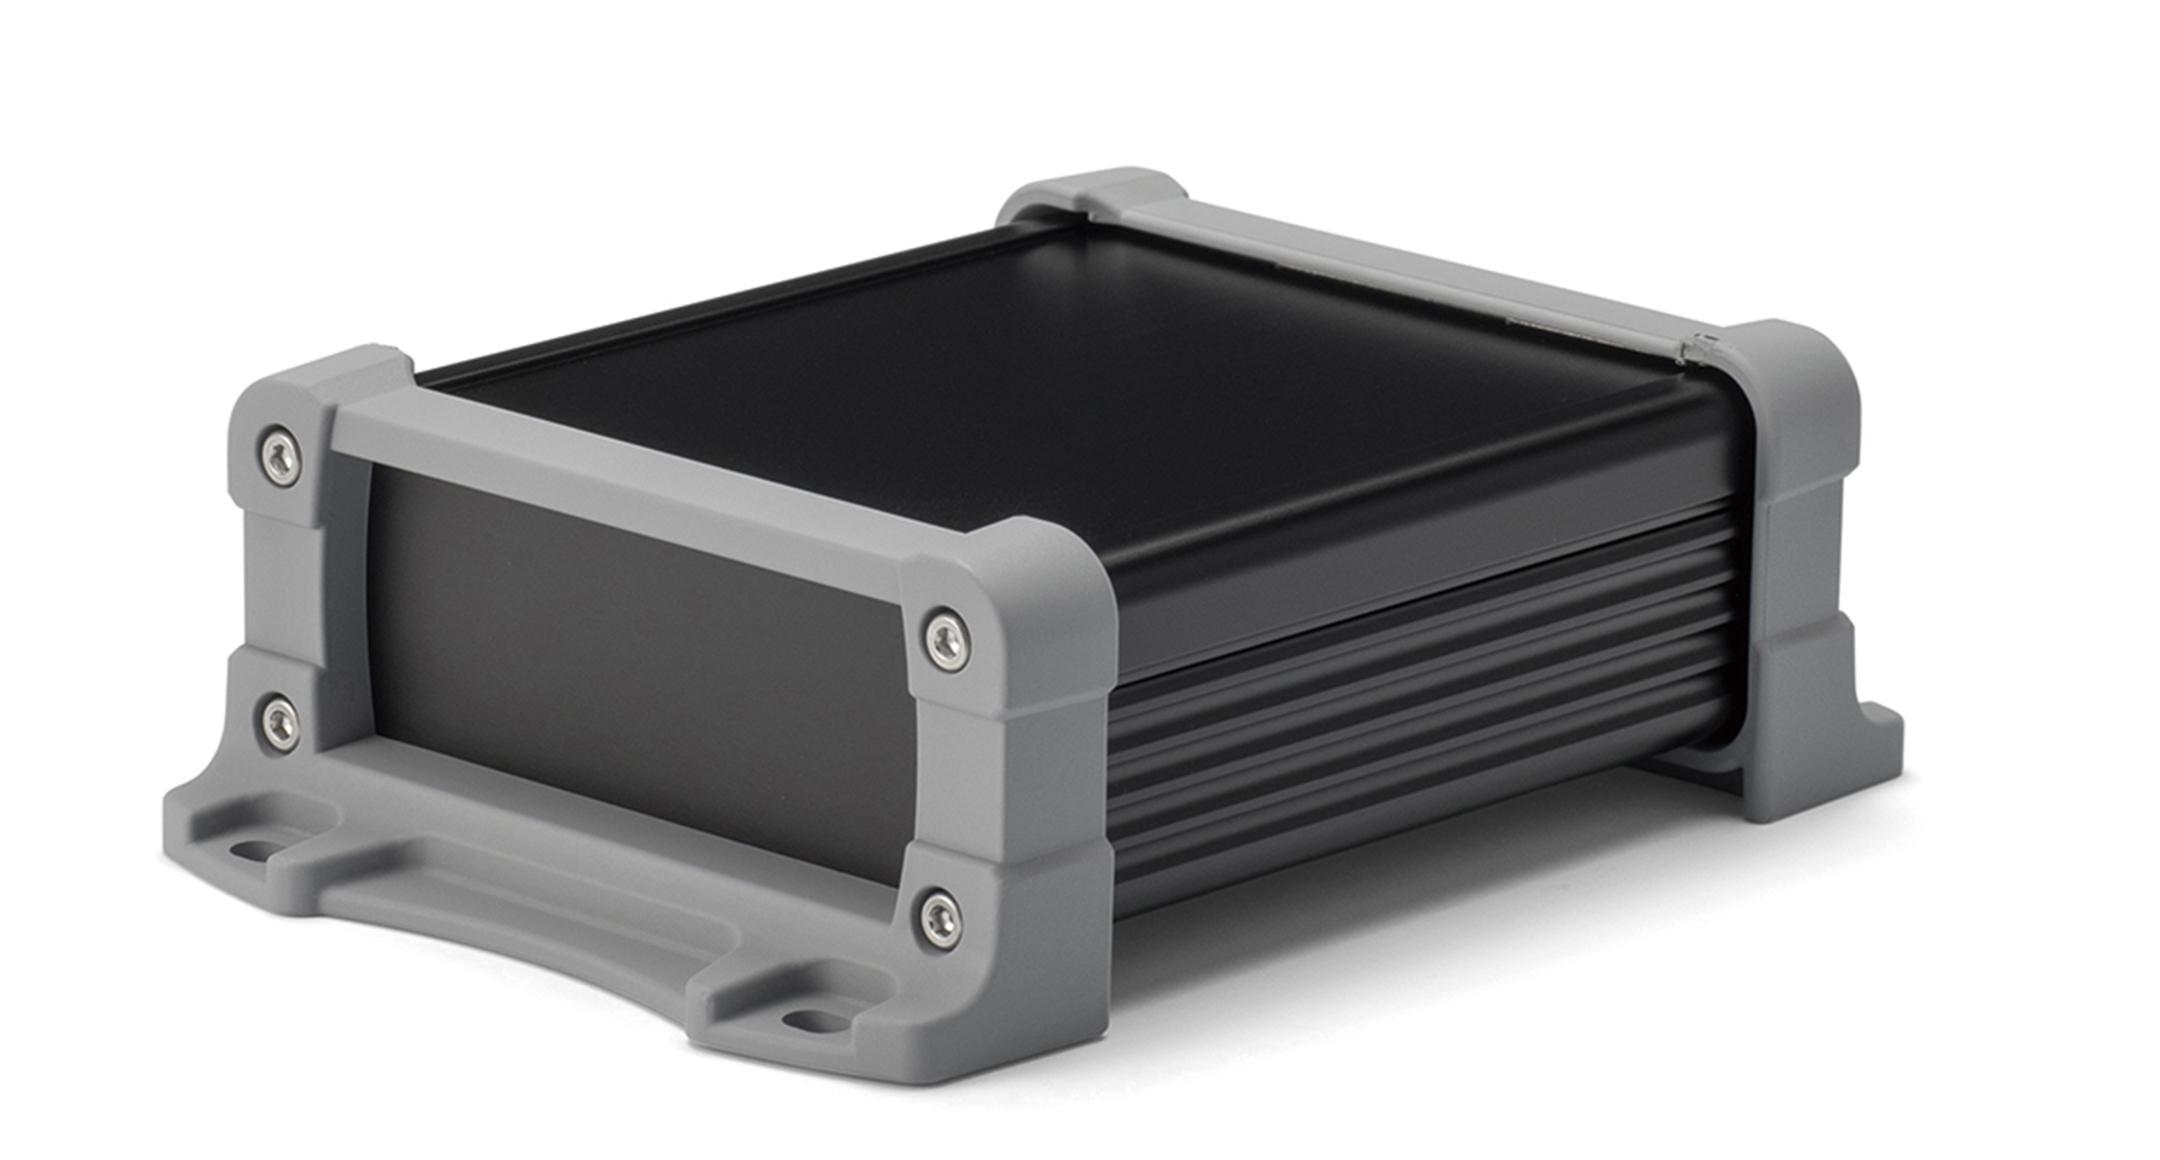 フランジ足付フリーサイズアルミケース EXPFSシリーズ:ブラック/グレーの画像